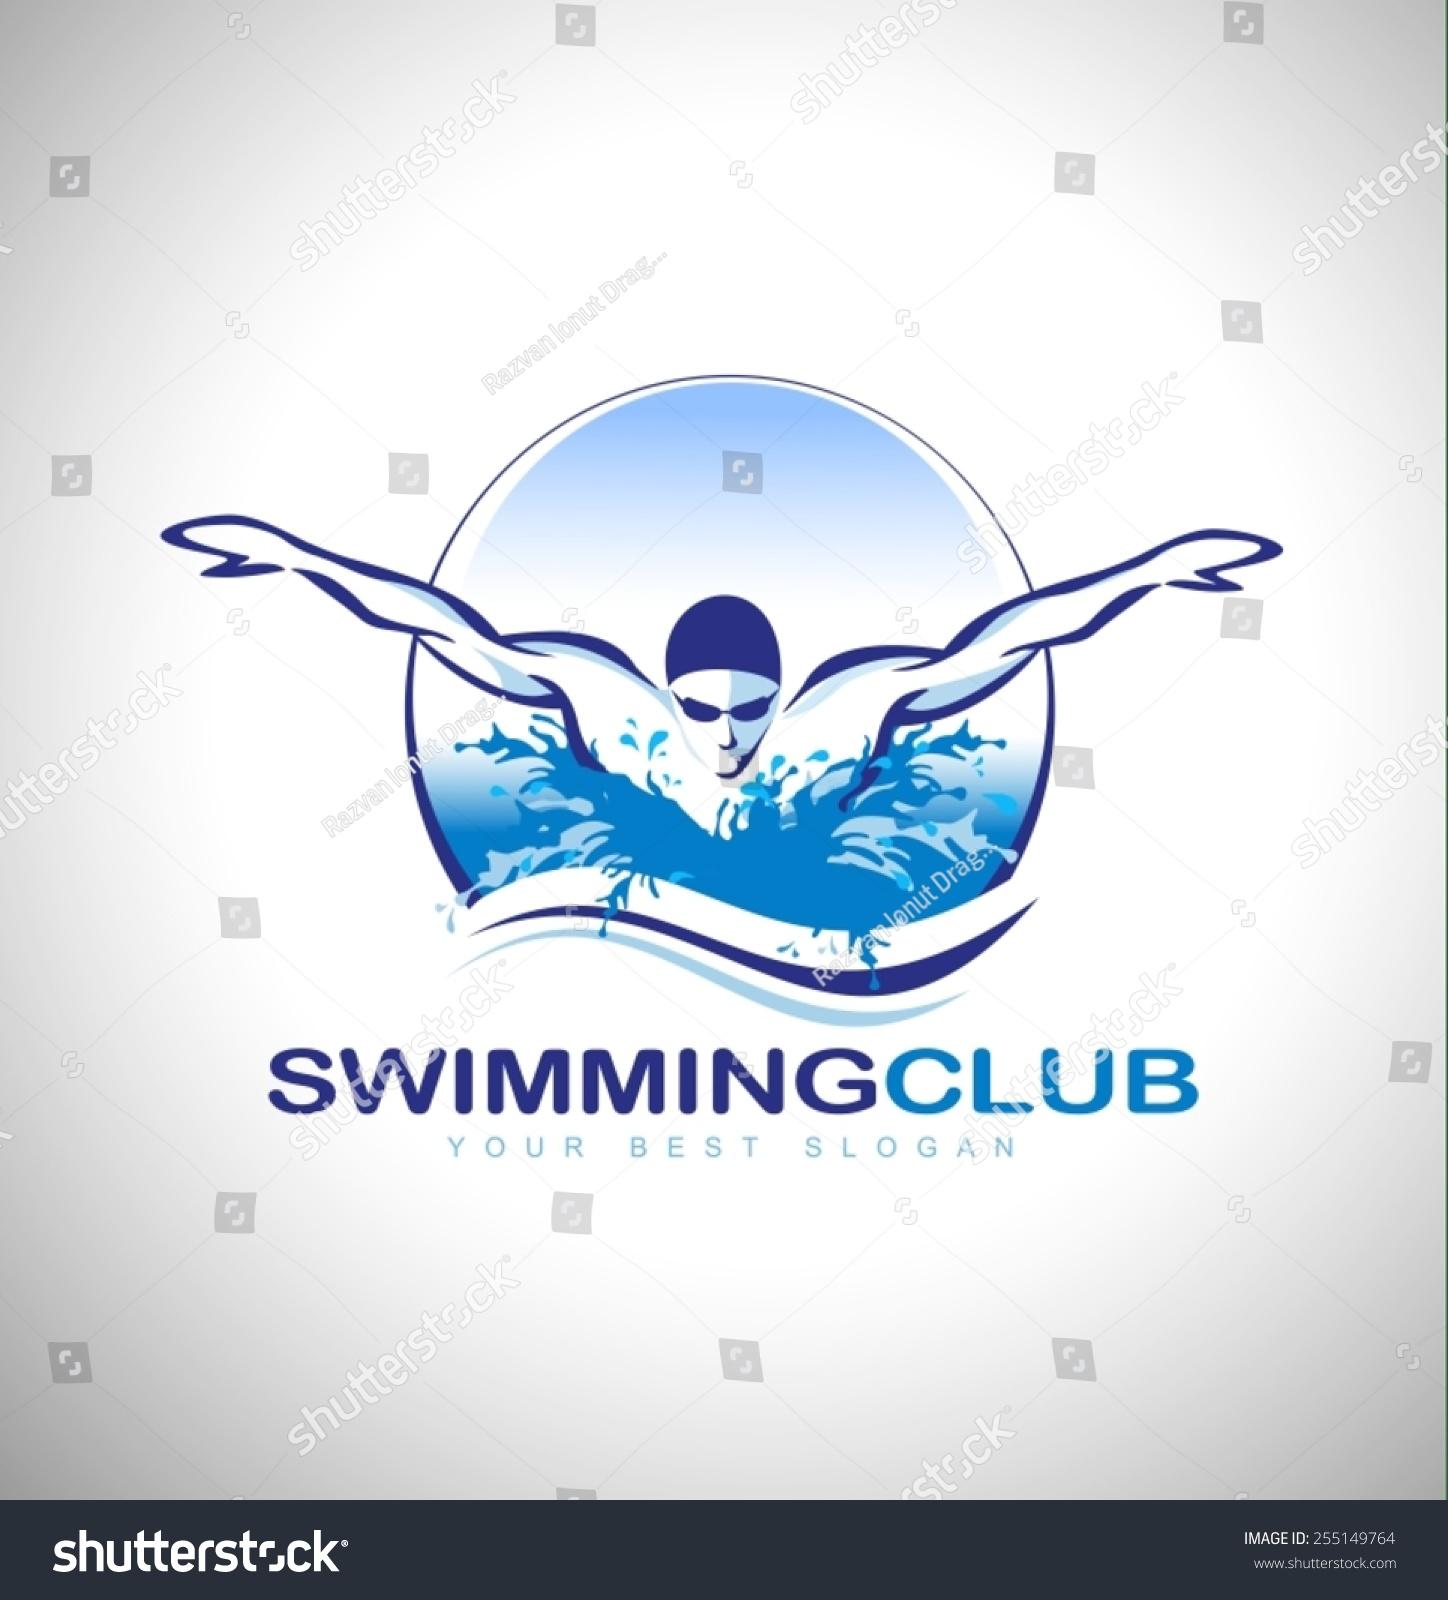 Swimming club logo design swimmer icon stock vector for Swimming designs